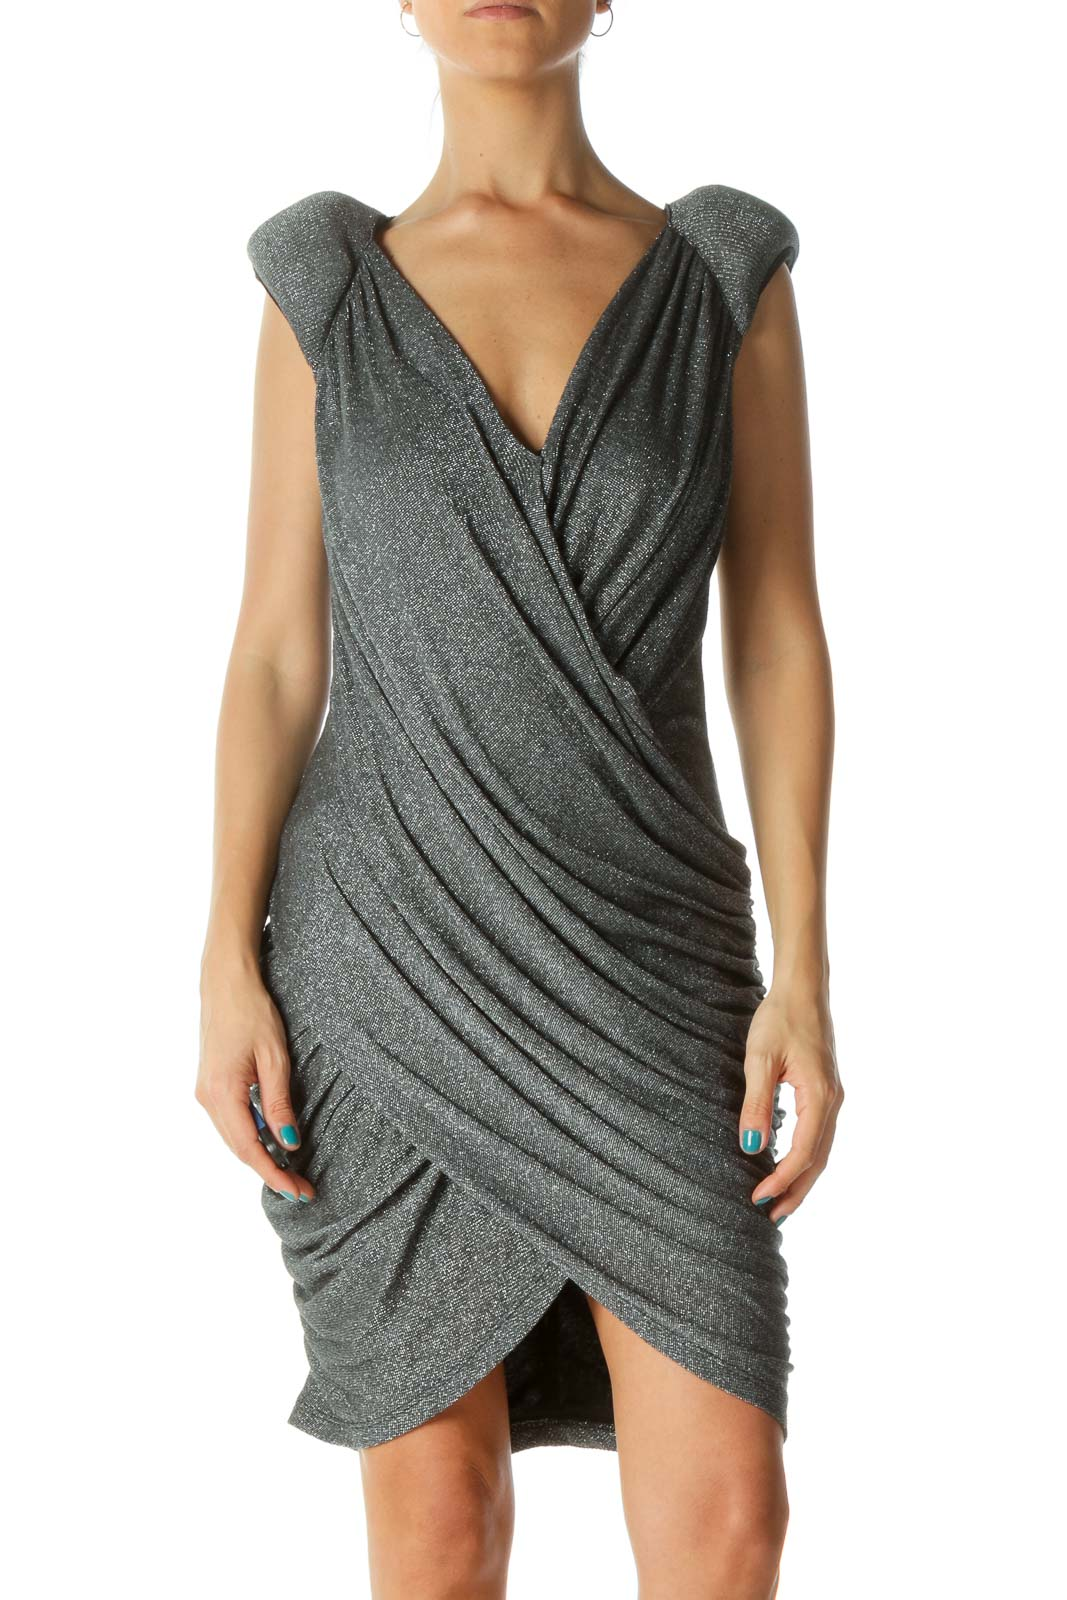 Silver Black Scrunched V-Neck Dress Front